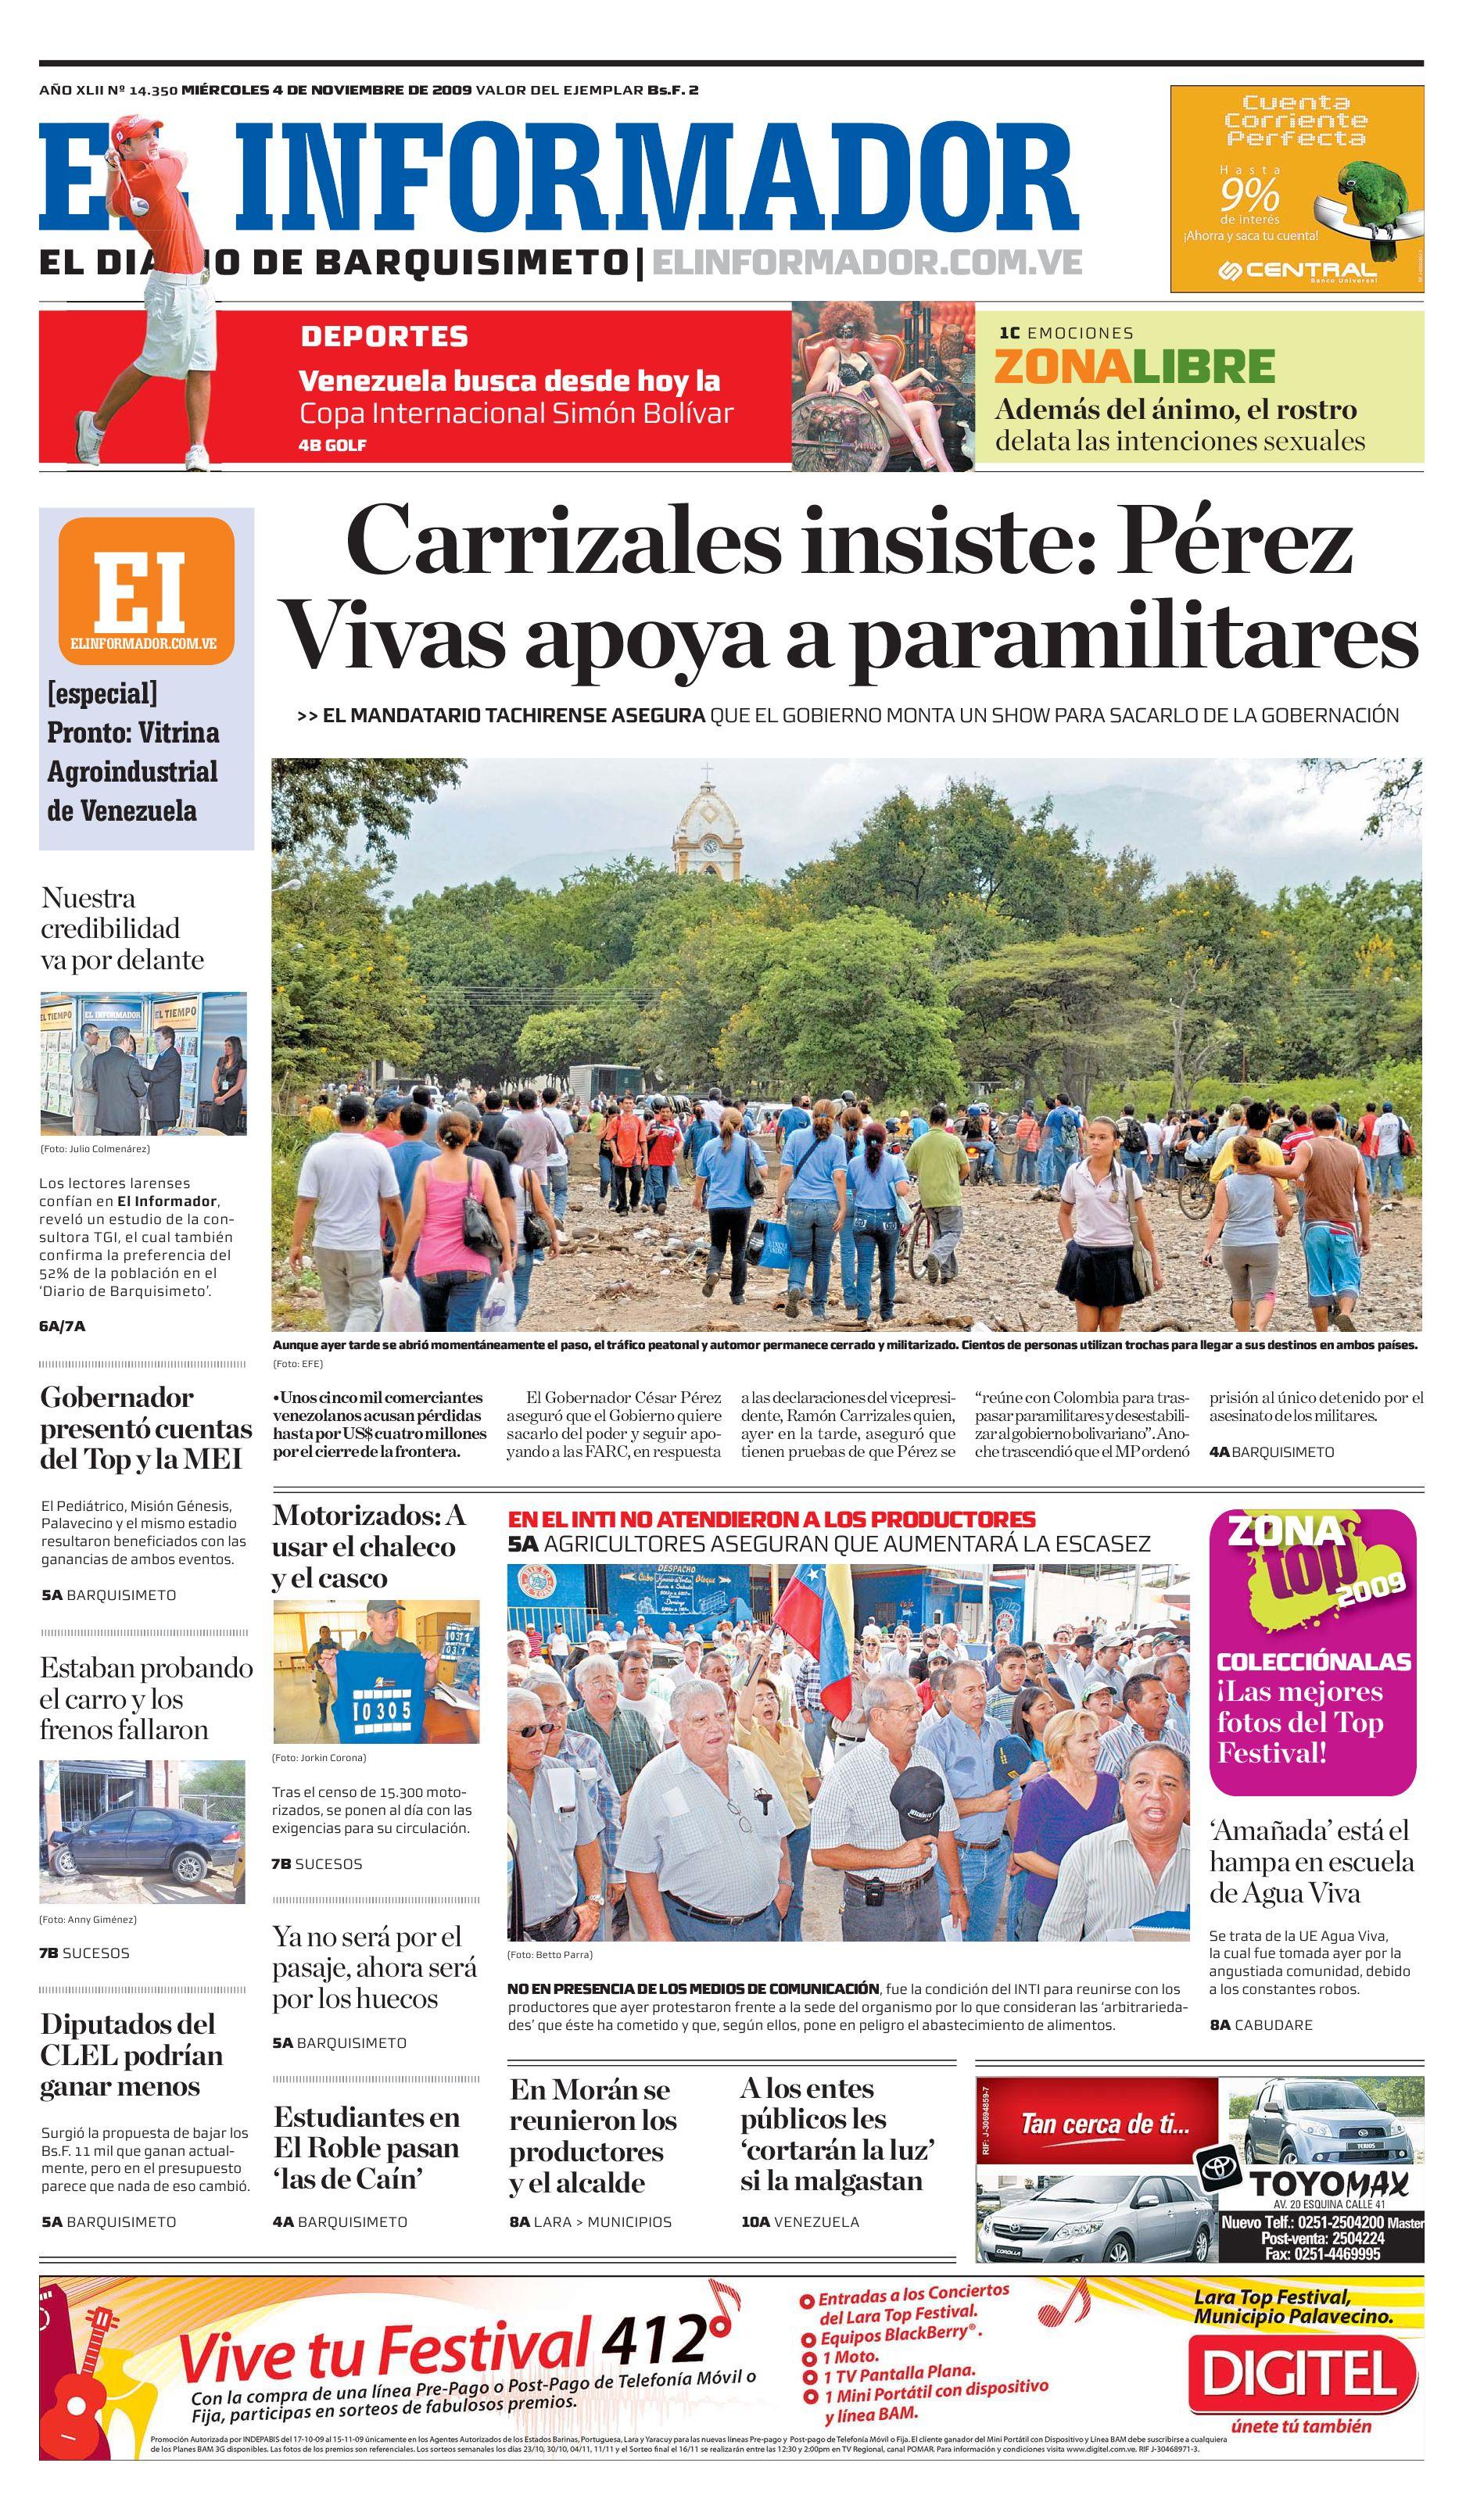 El Informador impreso 2009 11 04 by El Informador - Diario